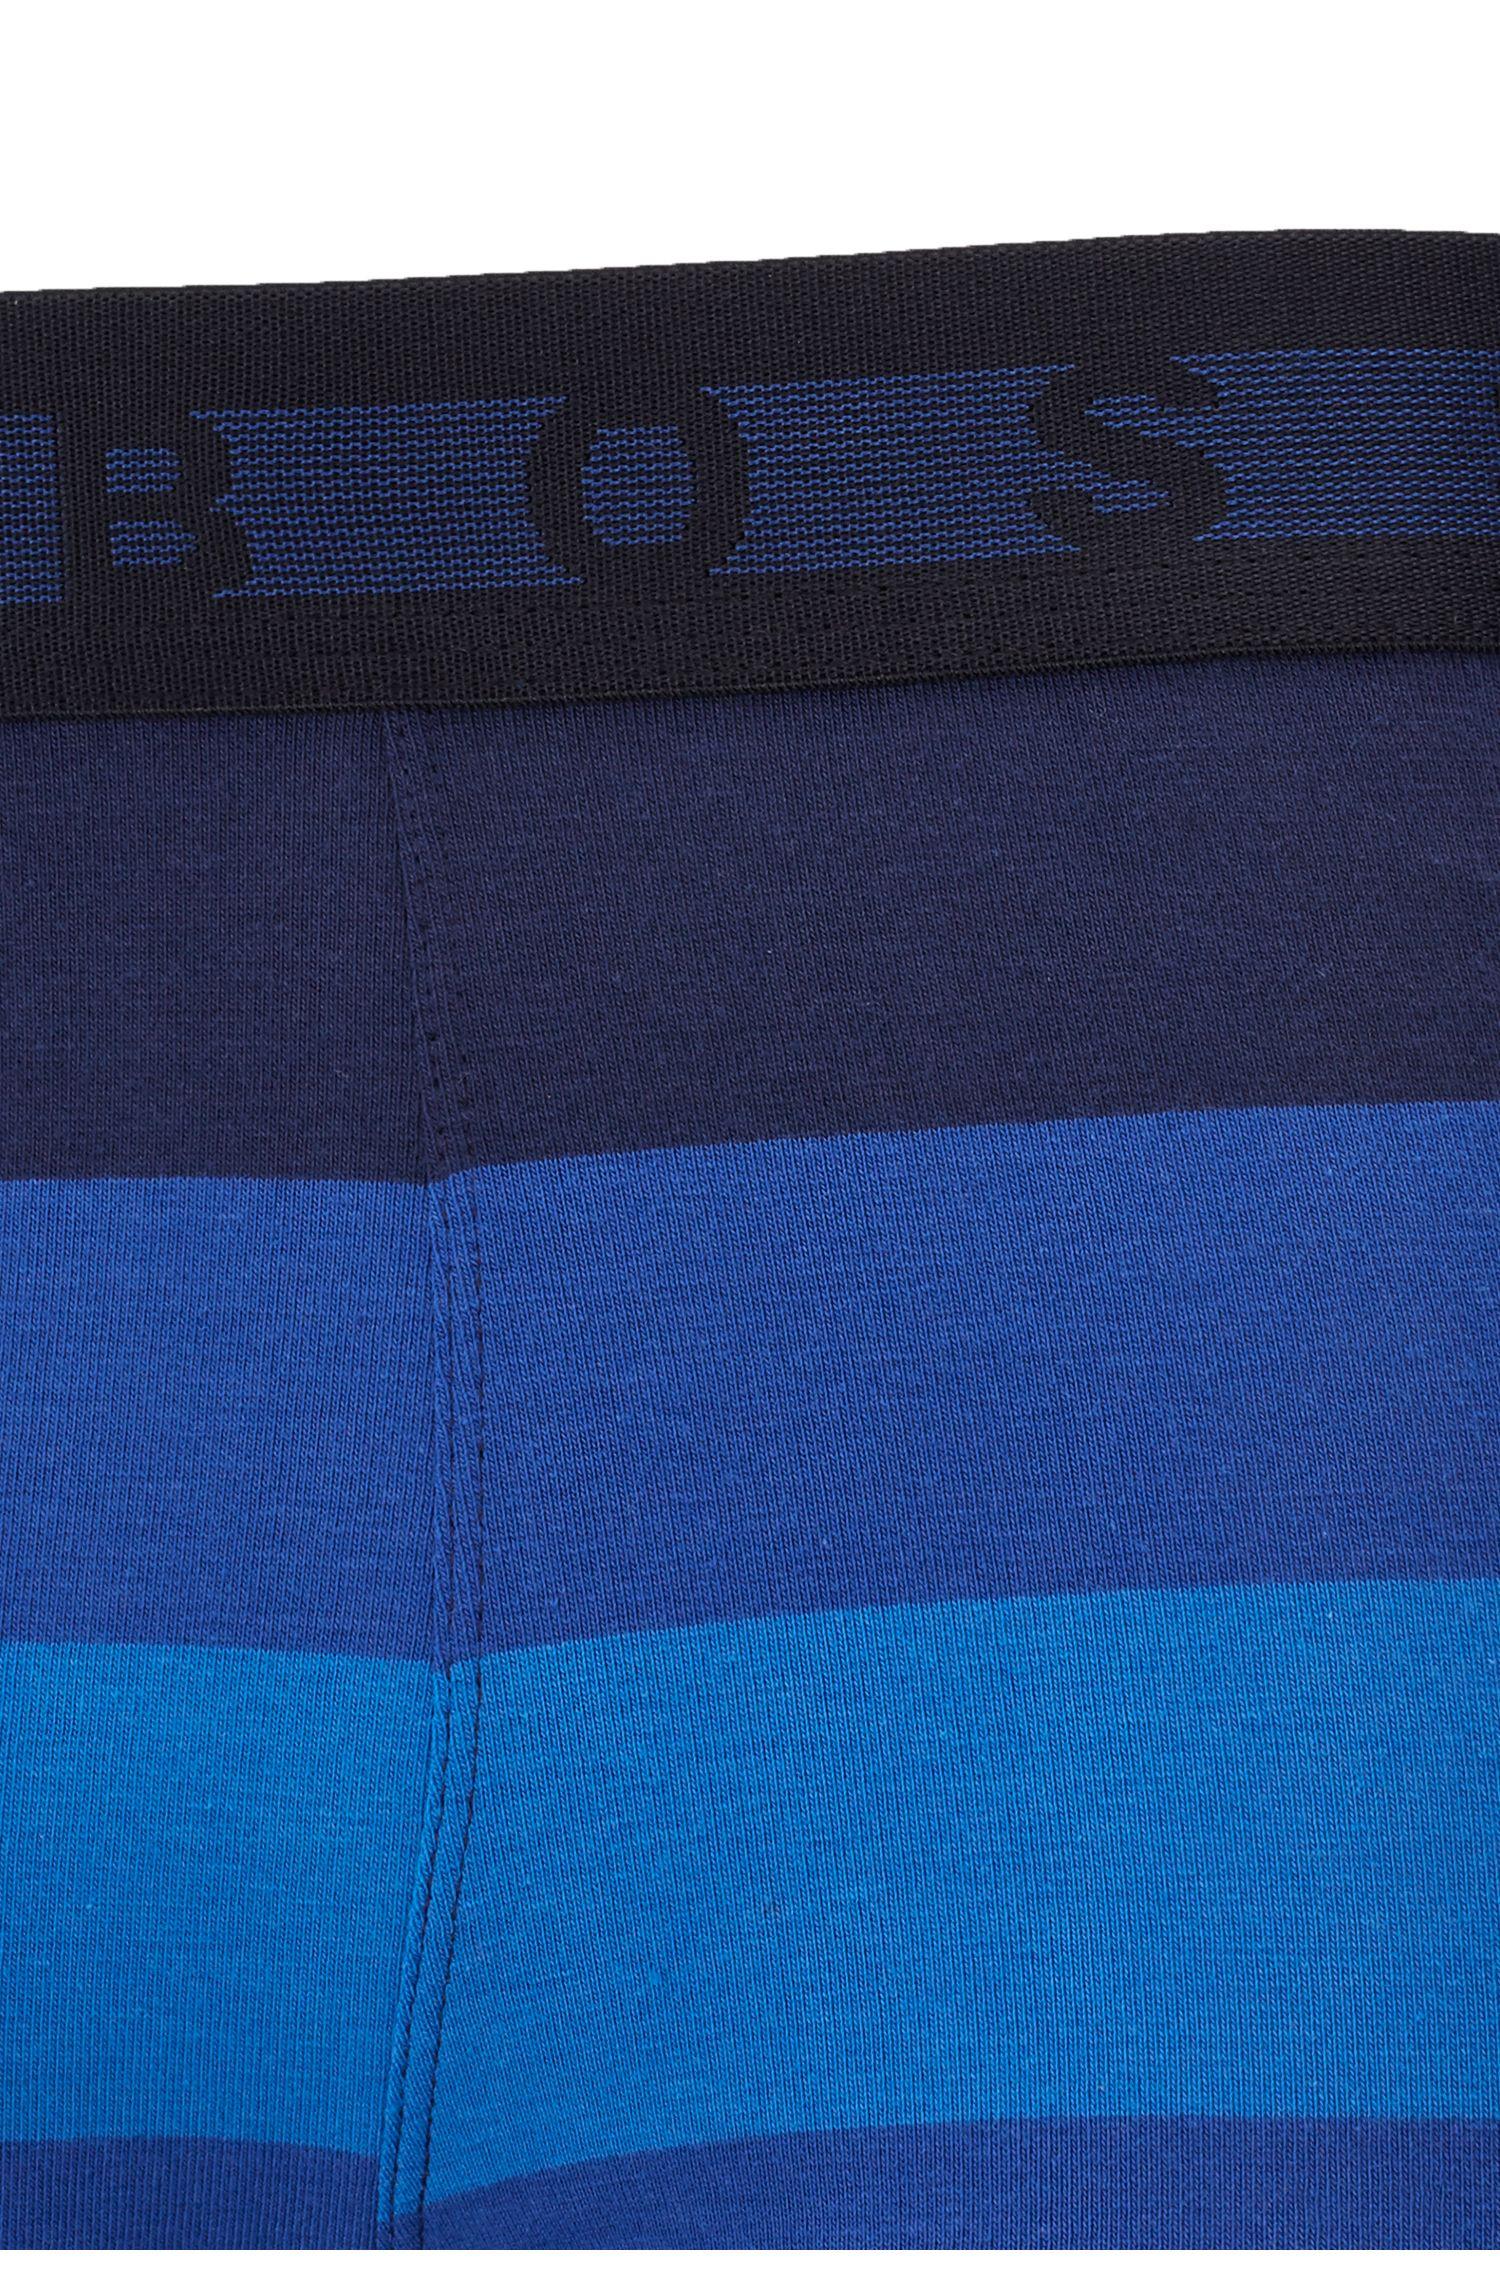 Calzoncillos en punto de algodón elástico con rayas anchas, Azul oscuro